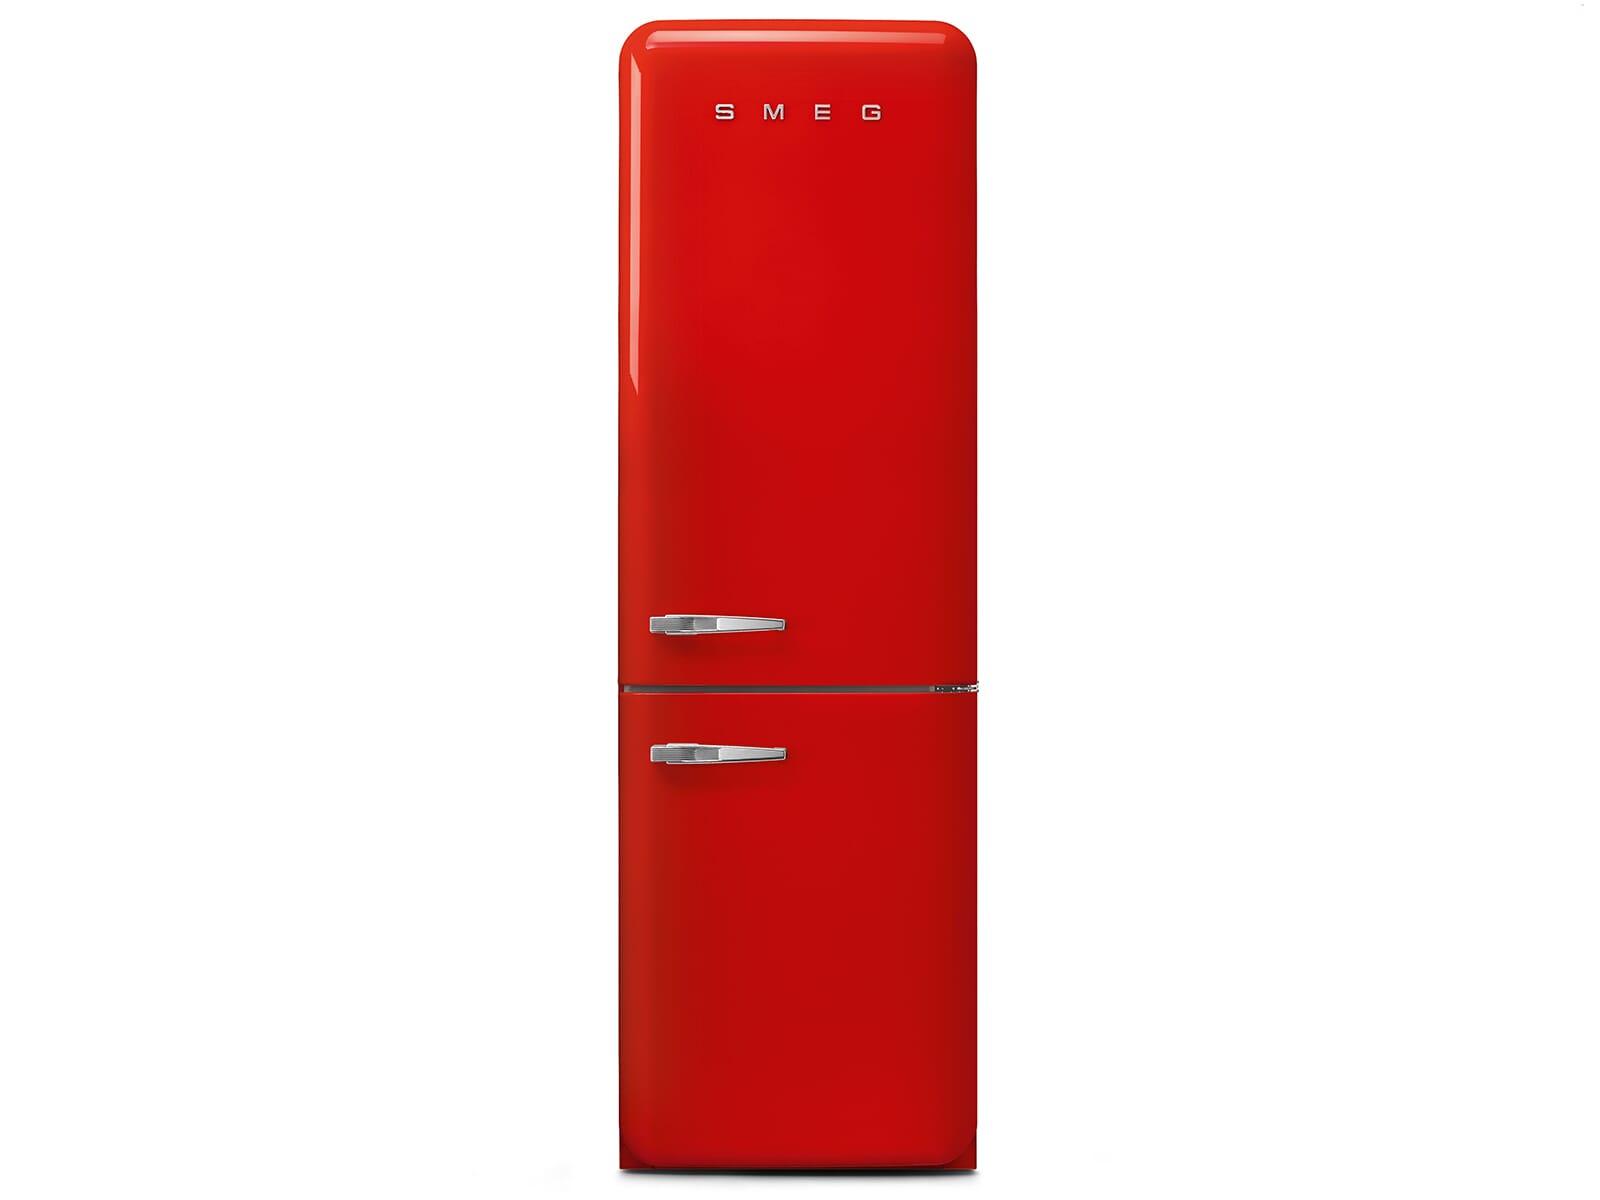 Smeg Kühlschrank Fab 32 : Smeg fab rrd kühl gefrierkombination rot